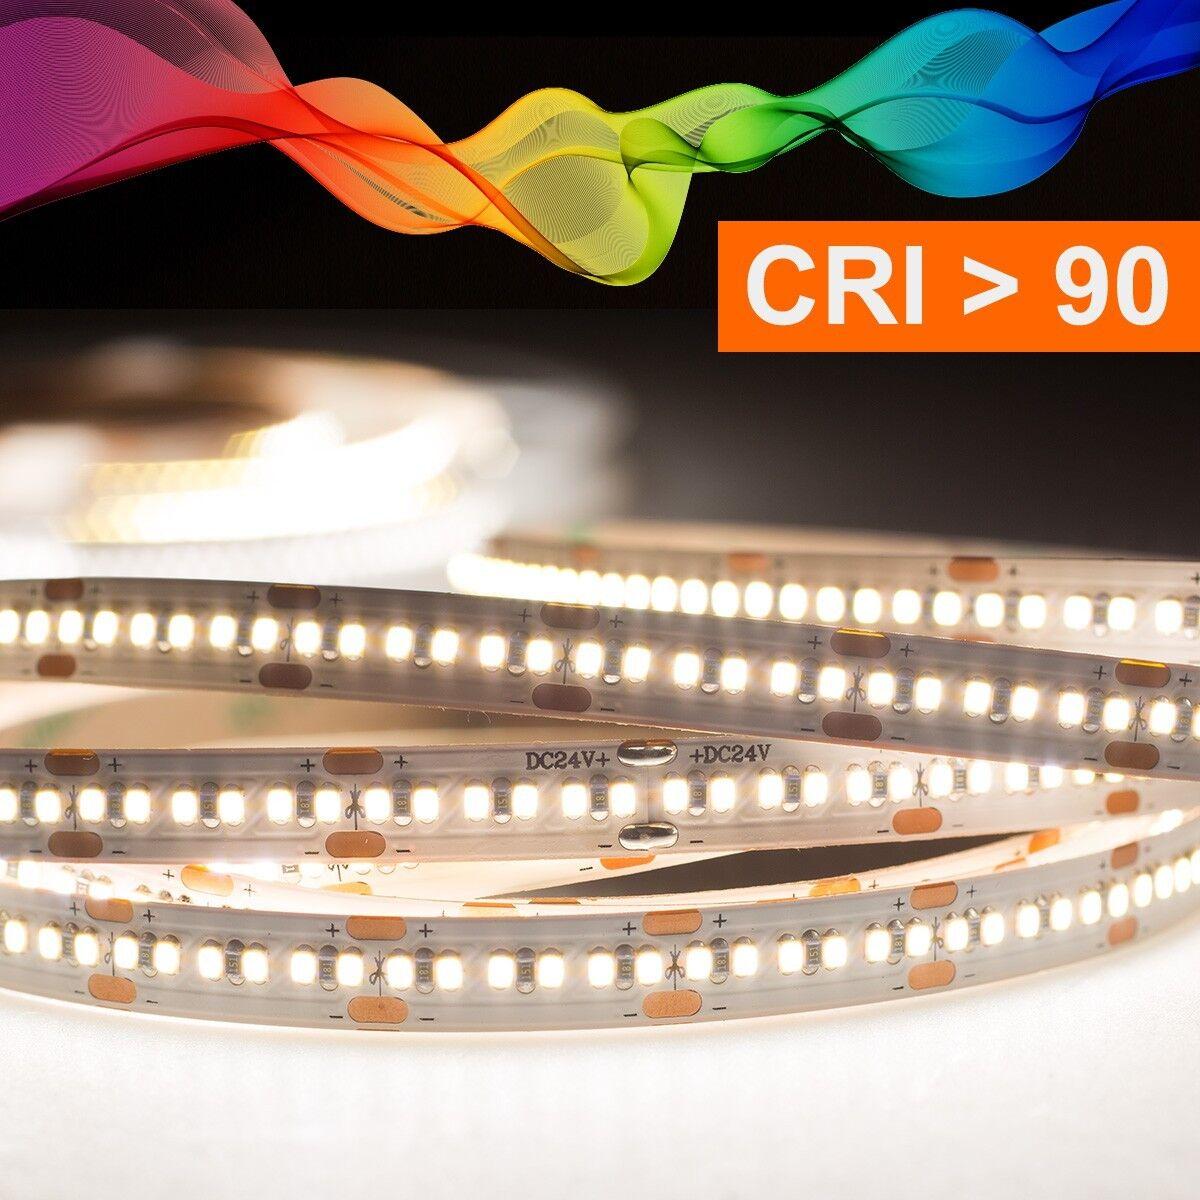 LED Strip 2216 Neutralweiß (4000k) CRI 90 90W 5 Meter 24V IP20  | Mittlere Kosten